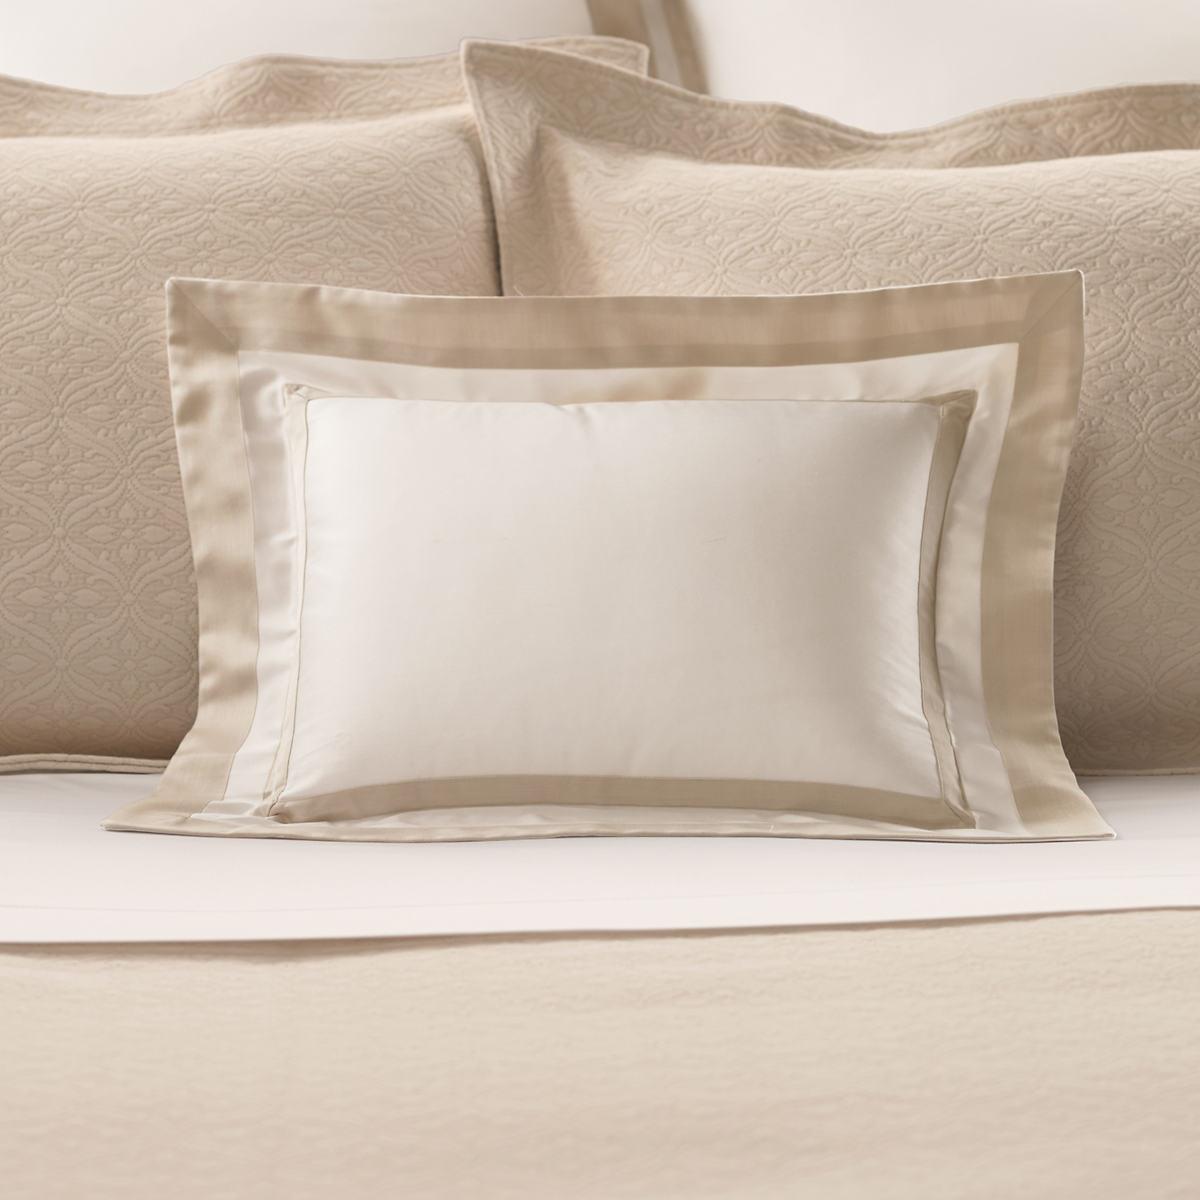 Piazza White/Semolina Decorative Pillow